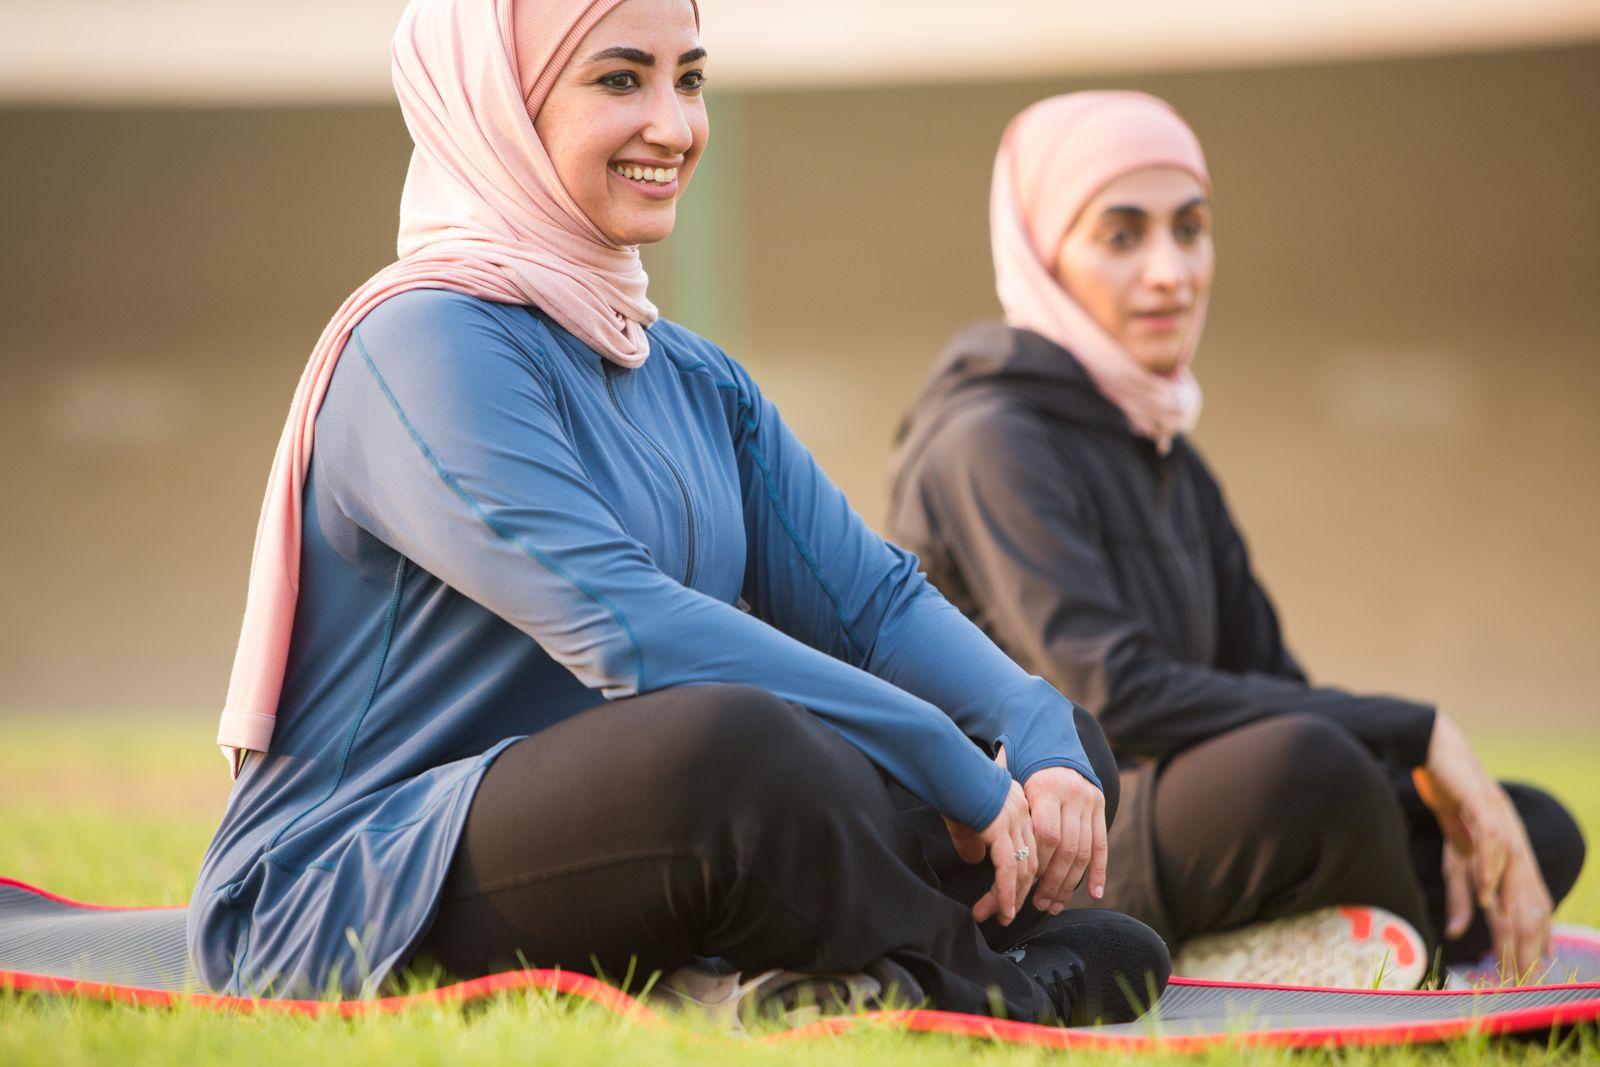 زایمان آسان با بهترین ورزشهای بارداری